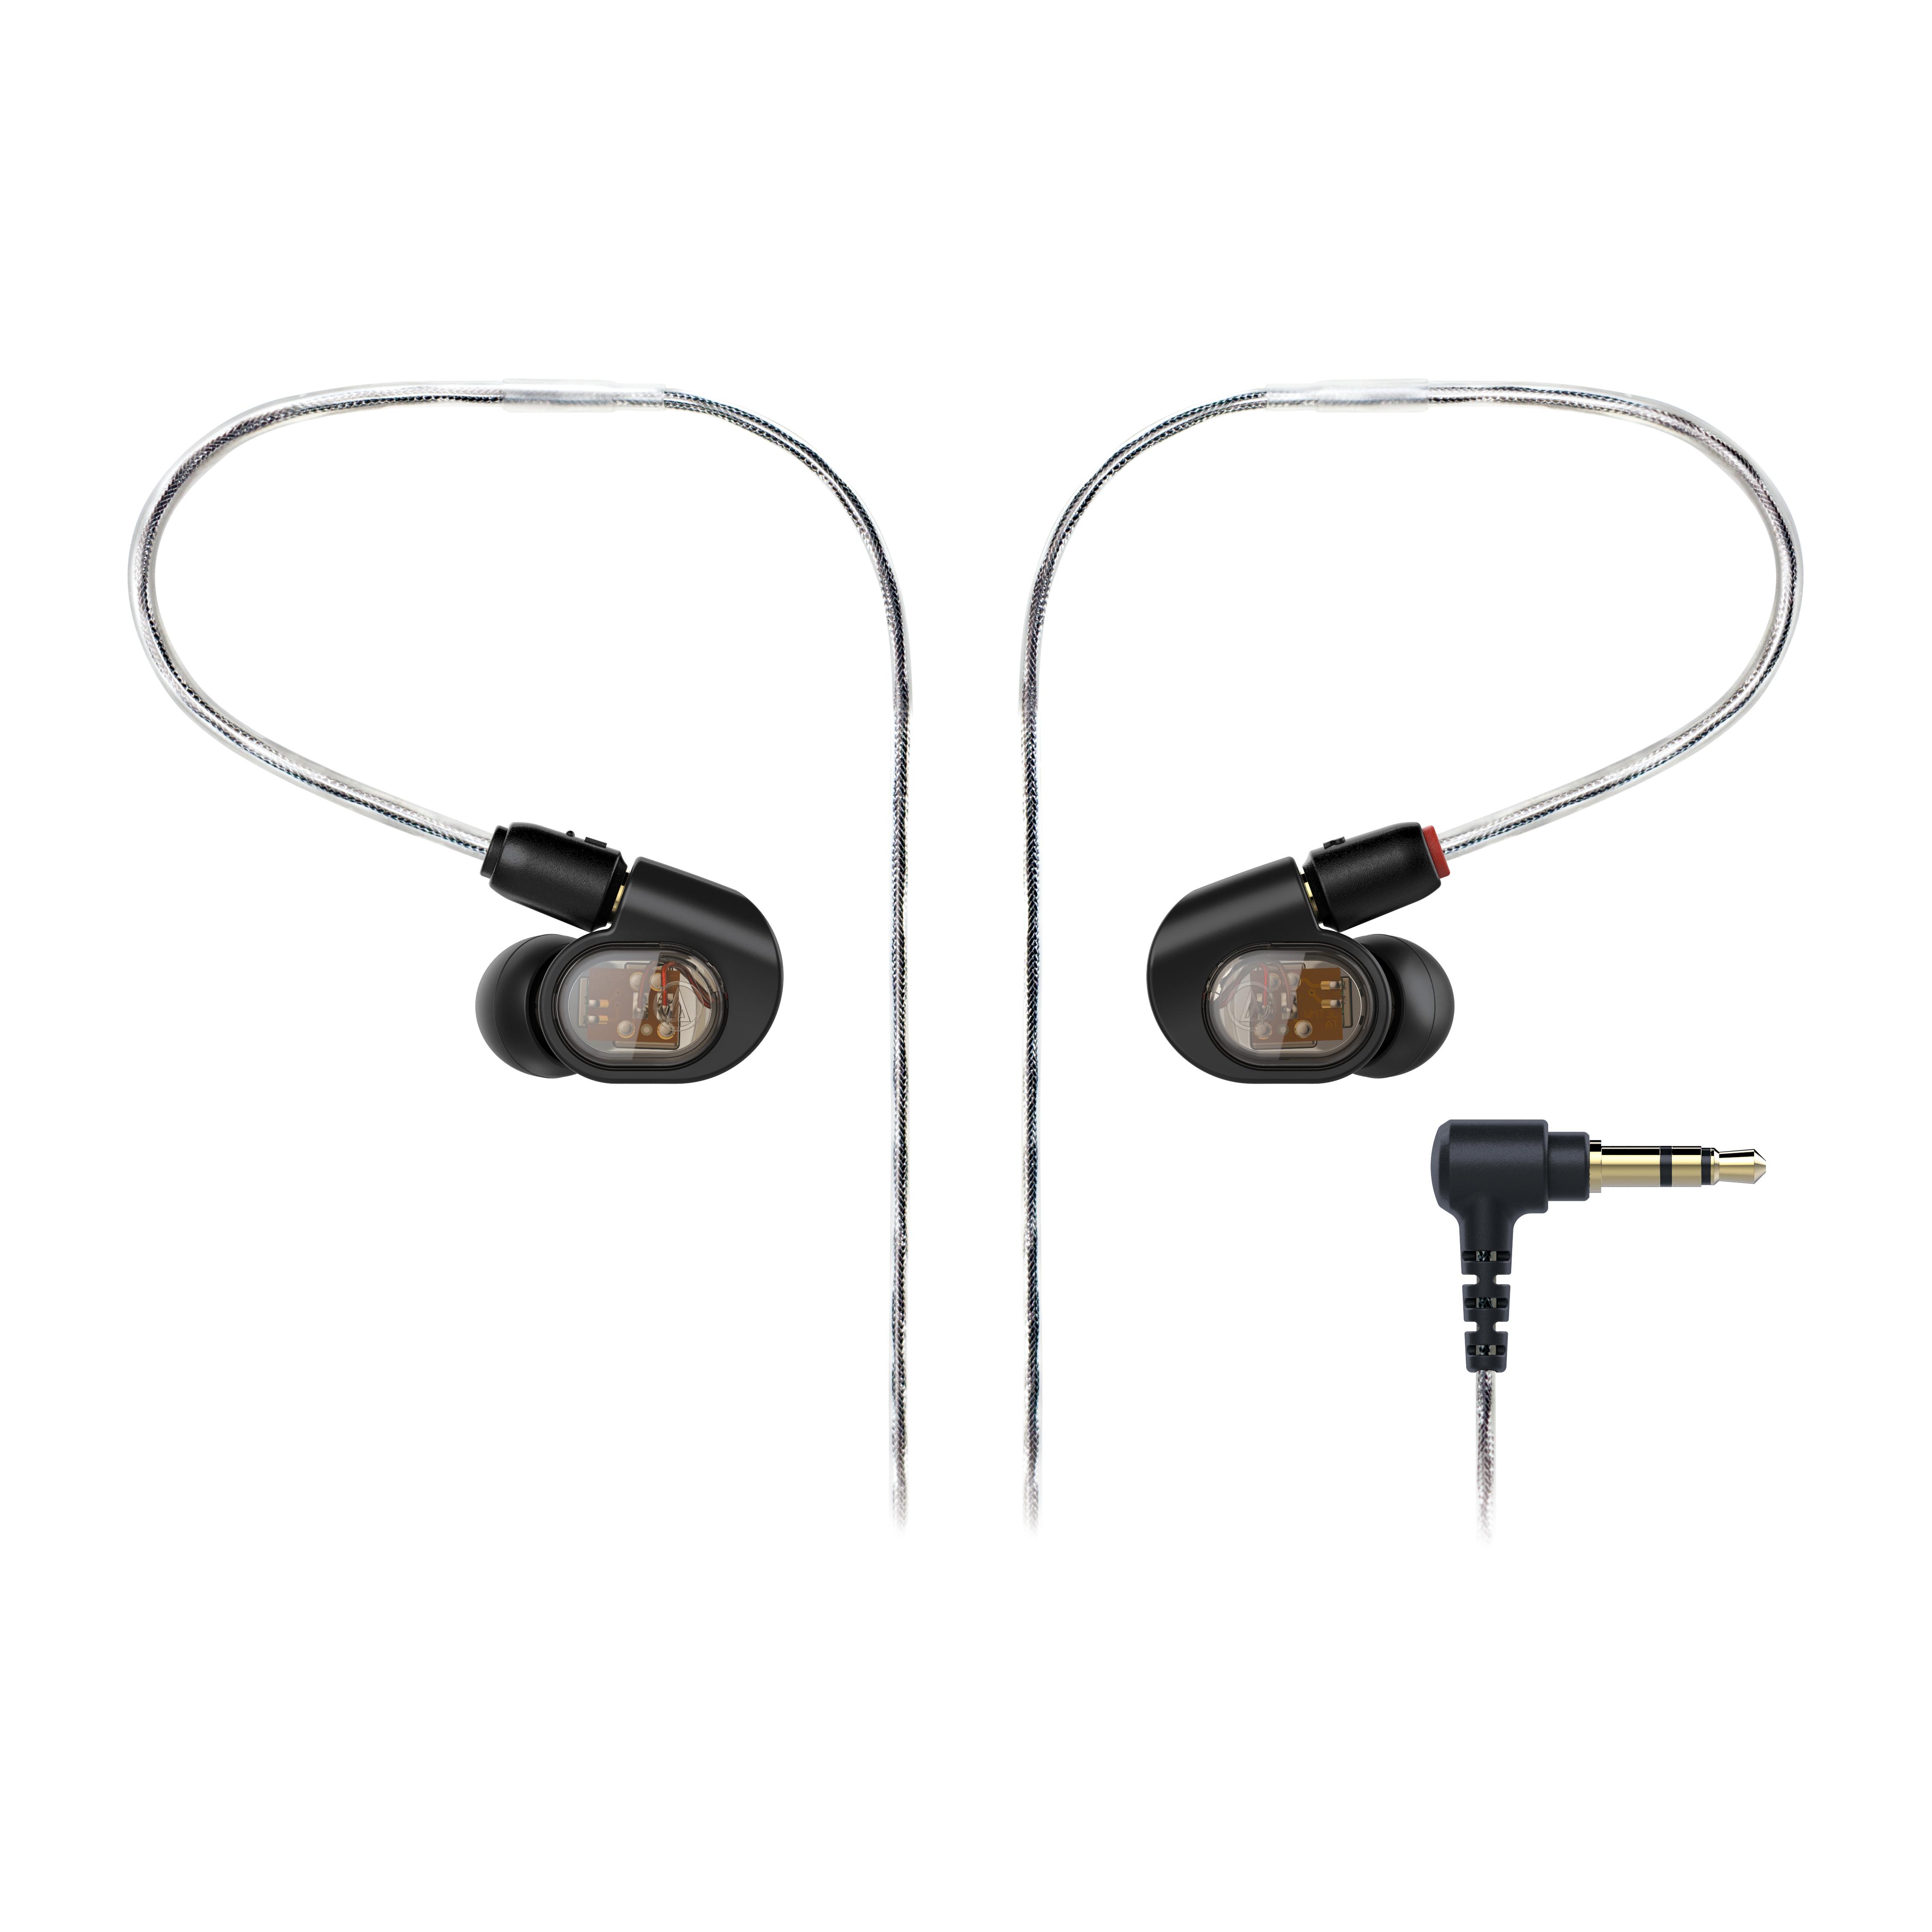 ath-e70 - audio-technica ath-e70